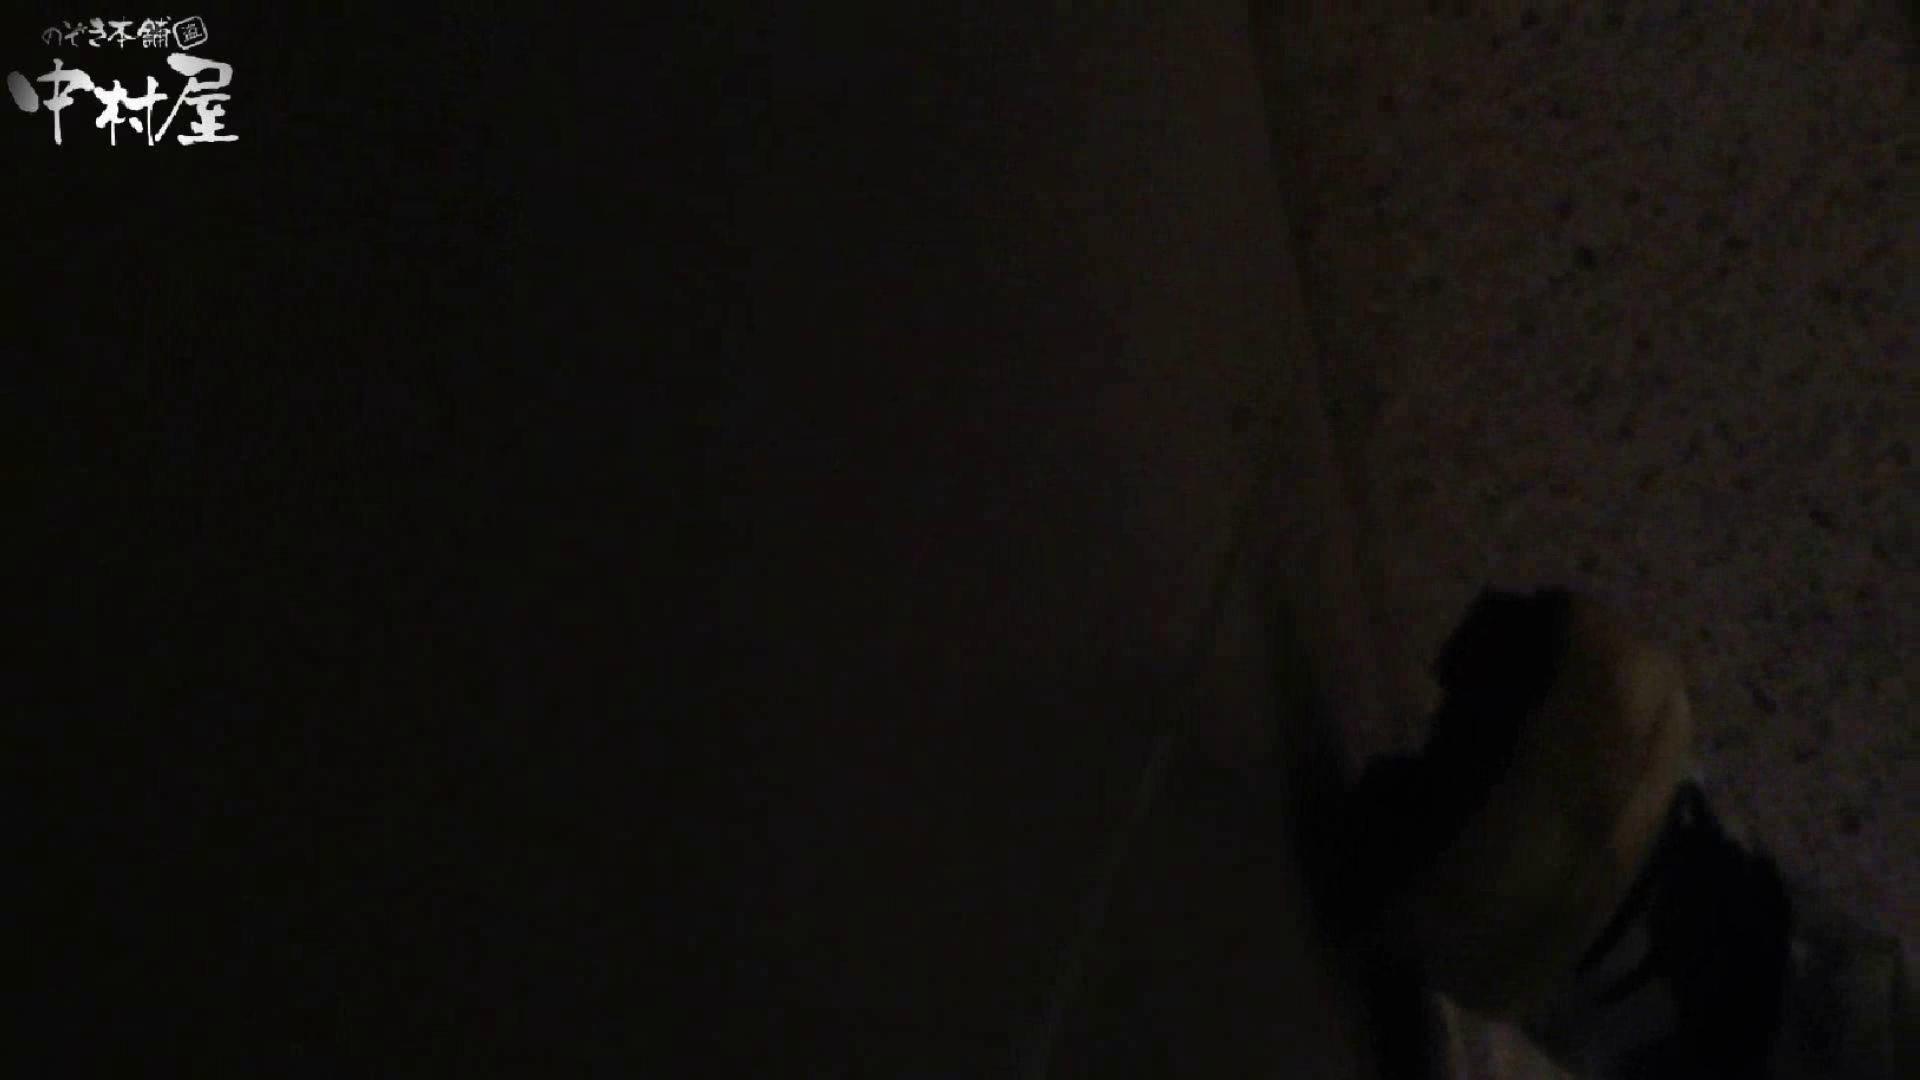 部活女子トイレ潜入編vol.5 盗撮師作品 セックス画像 107pic 38